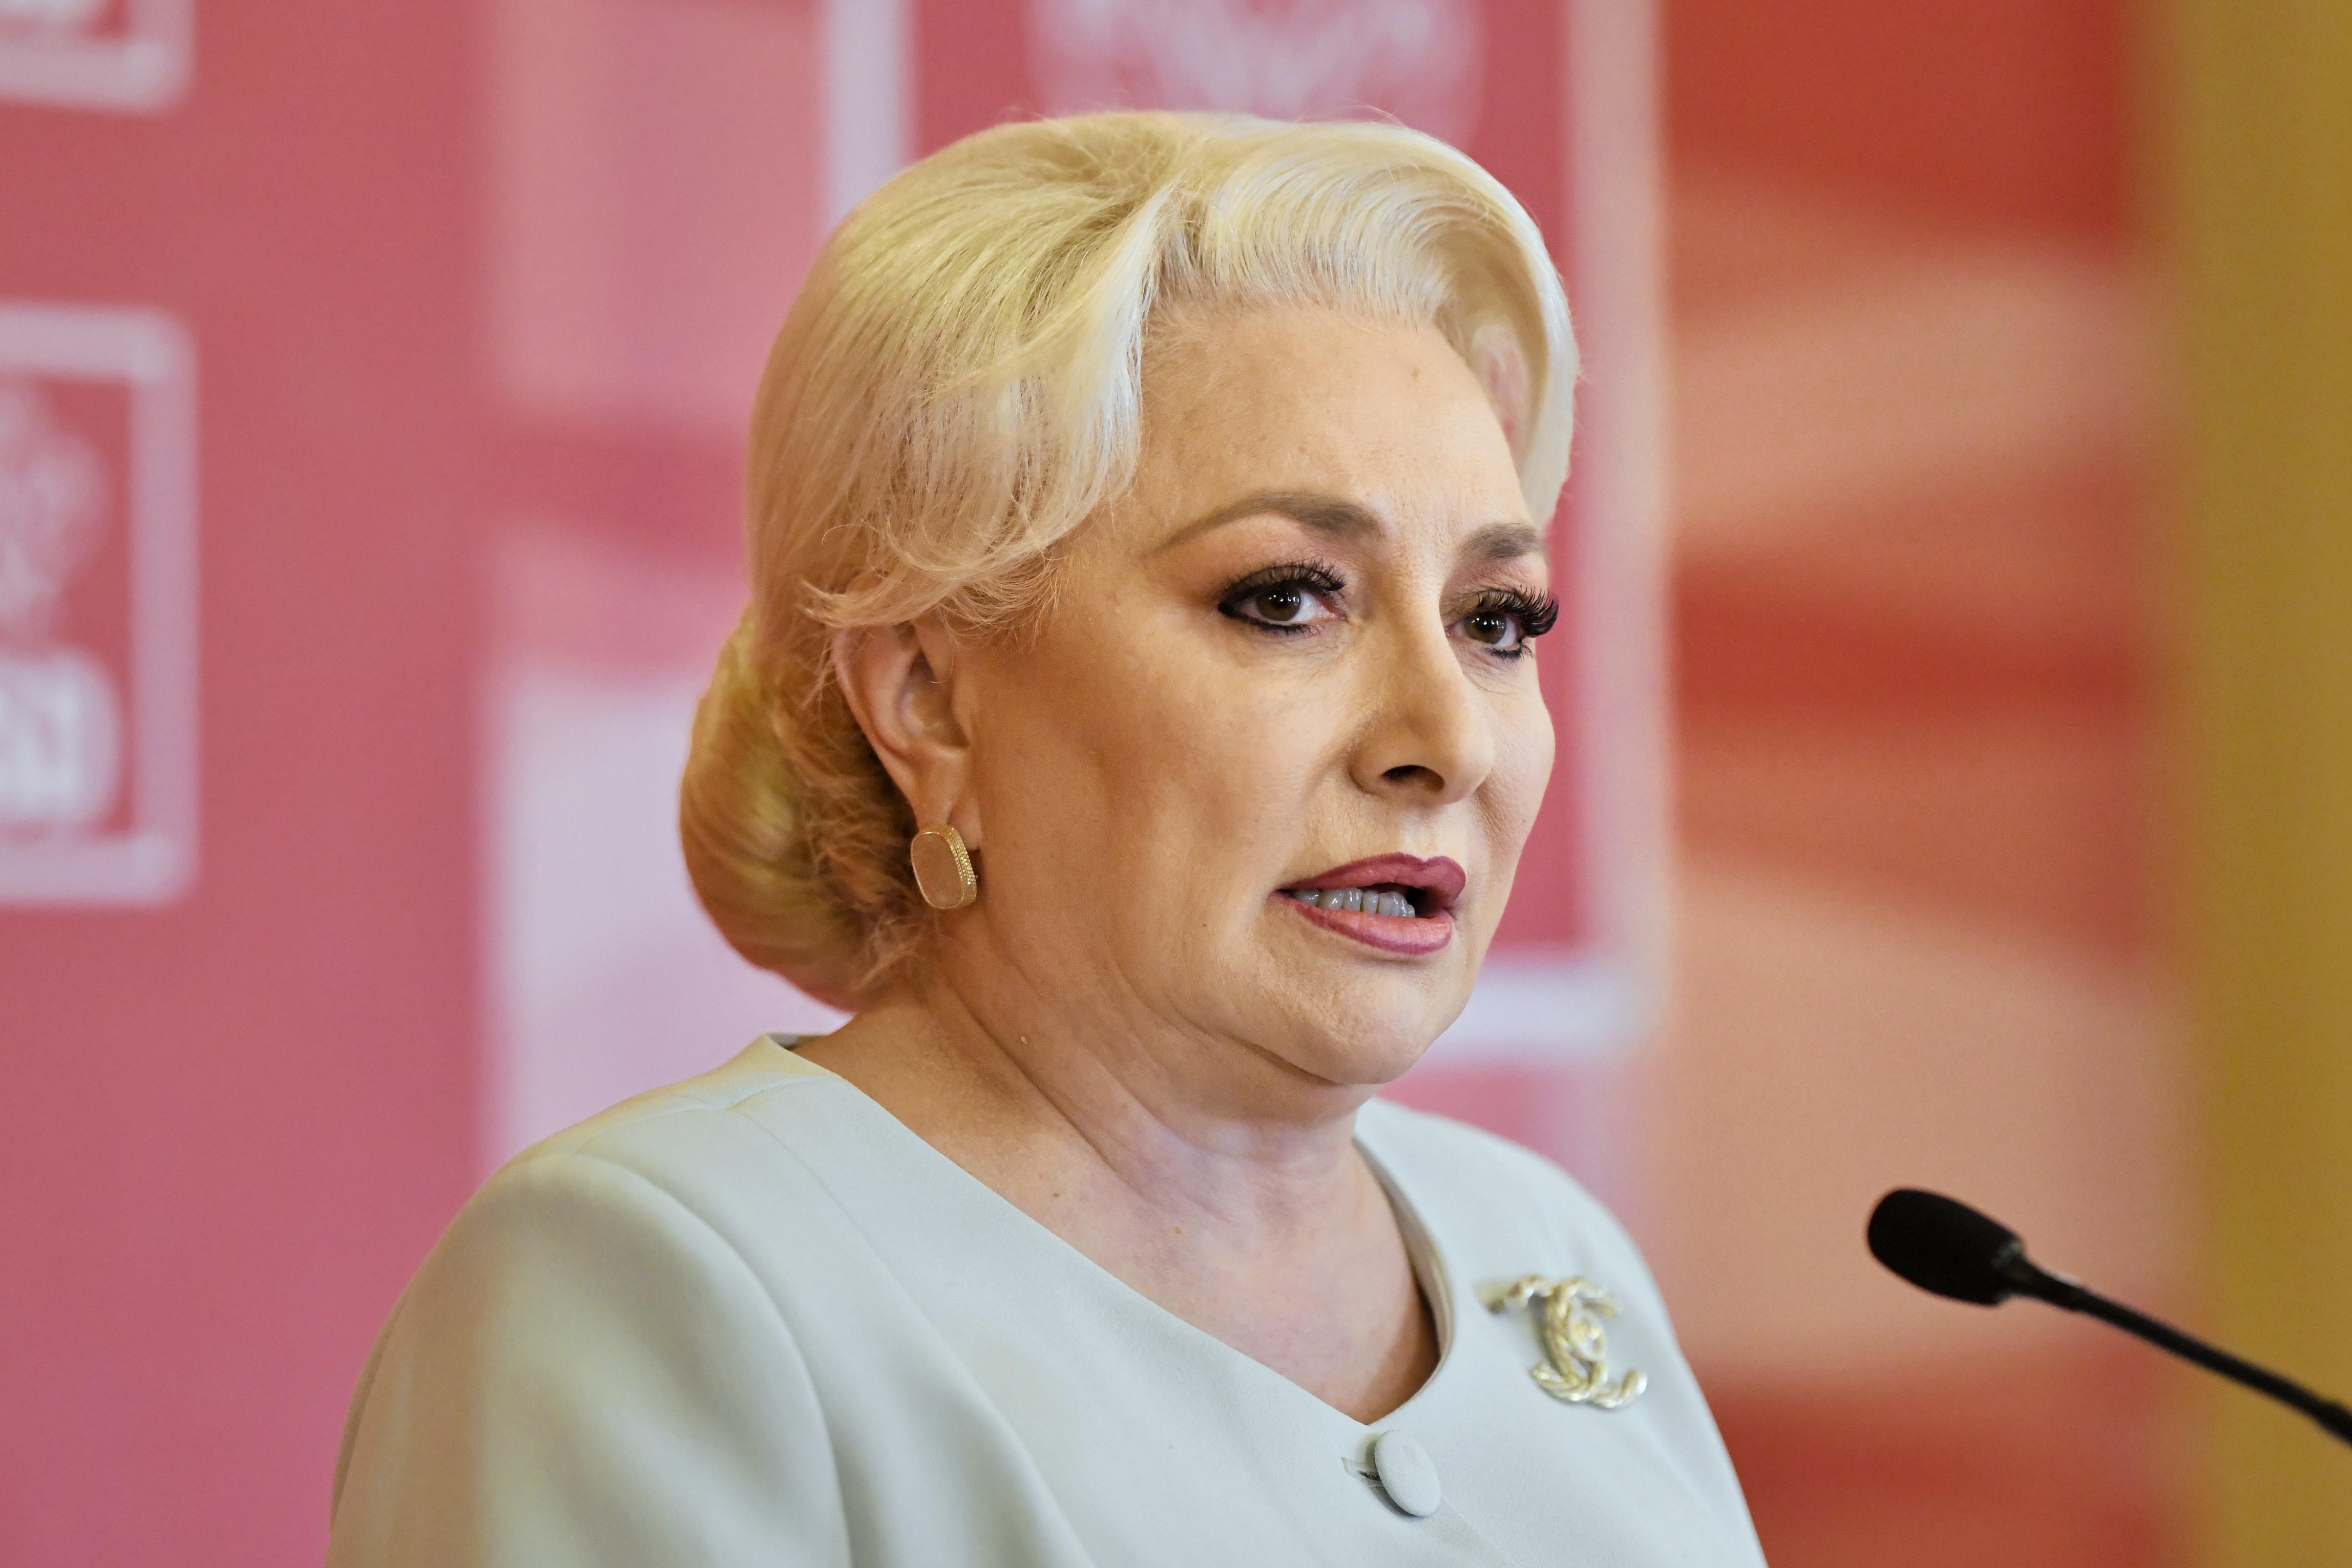 Viorica Dancila socheaza! Cum arata fostul premier si lider PSD fara celebrul COC